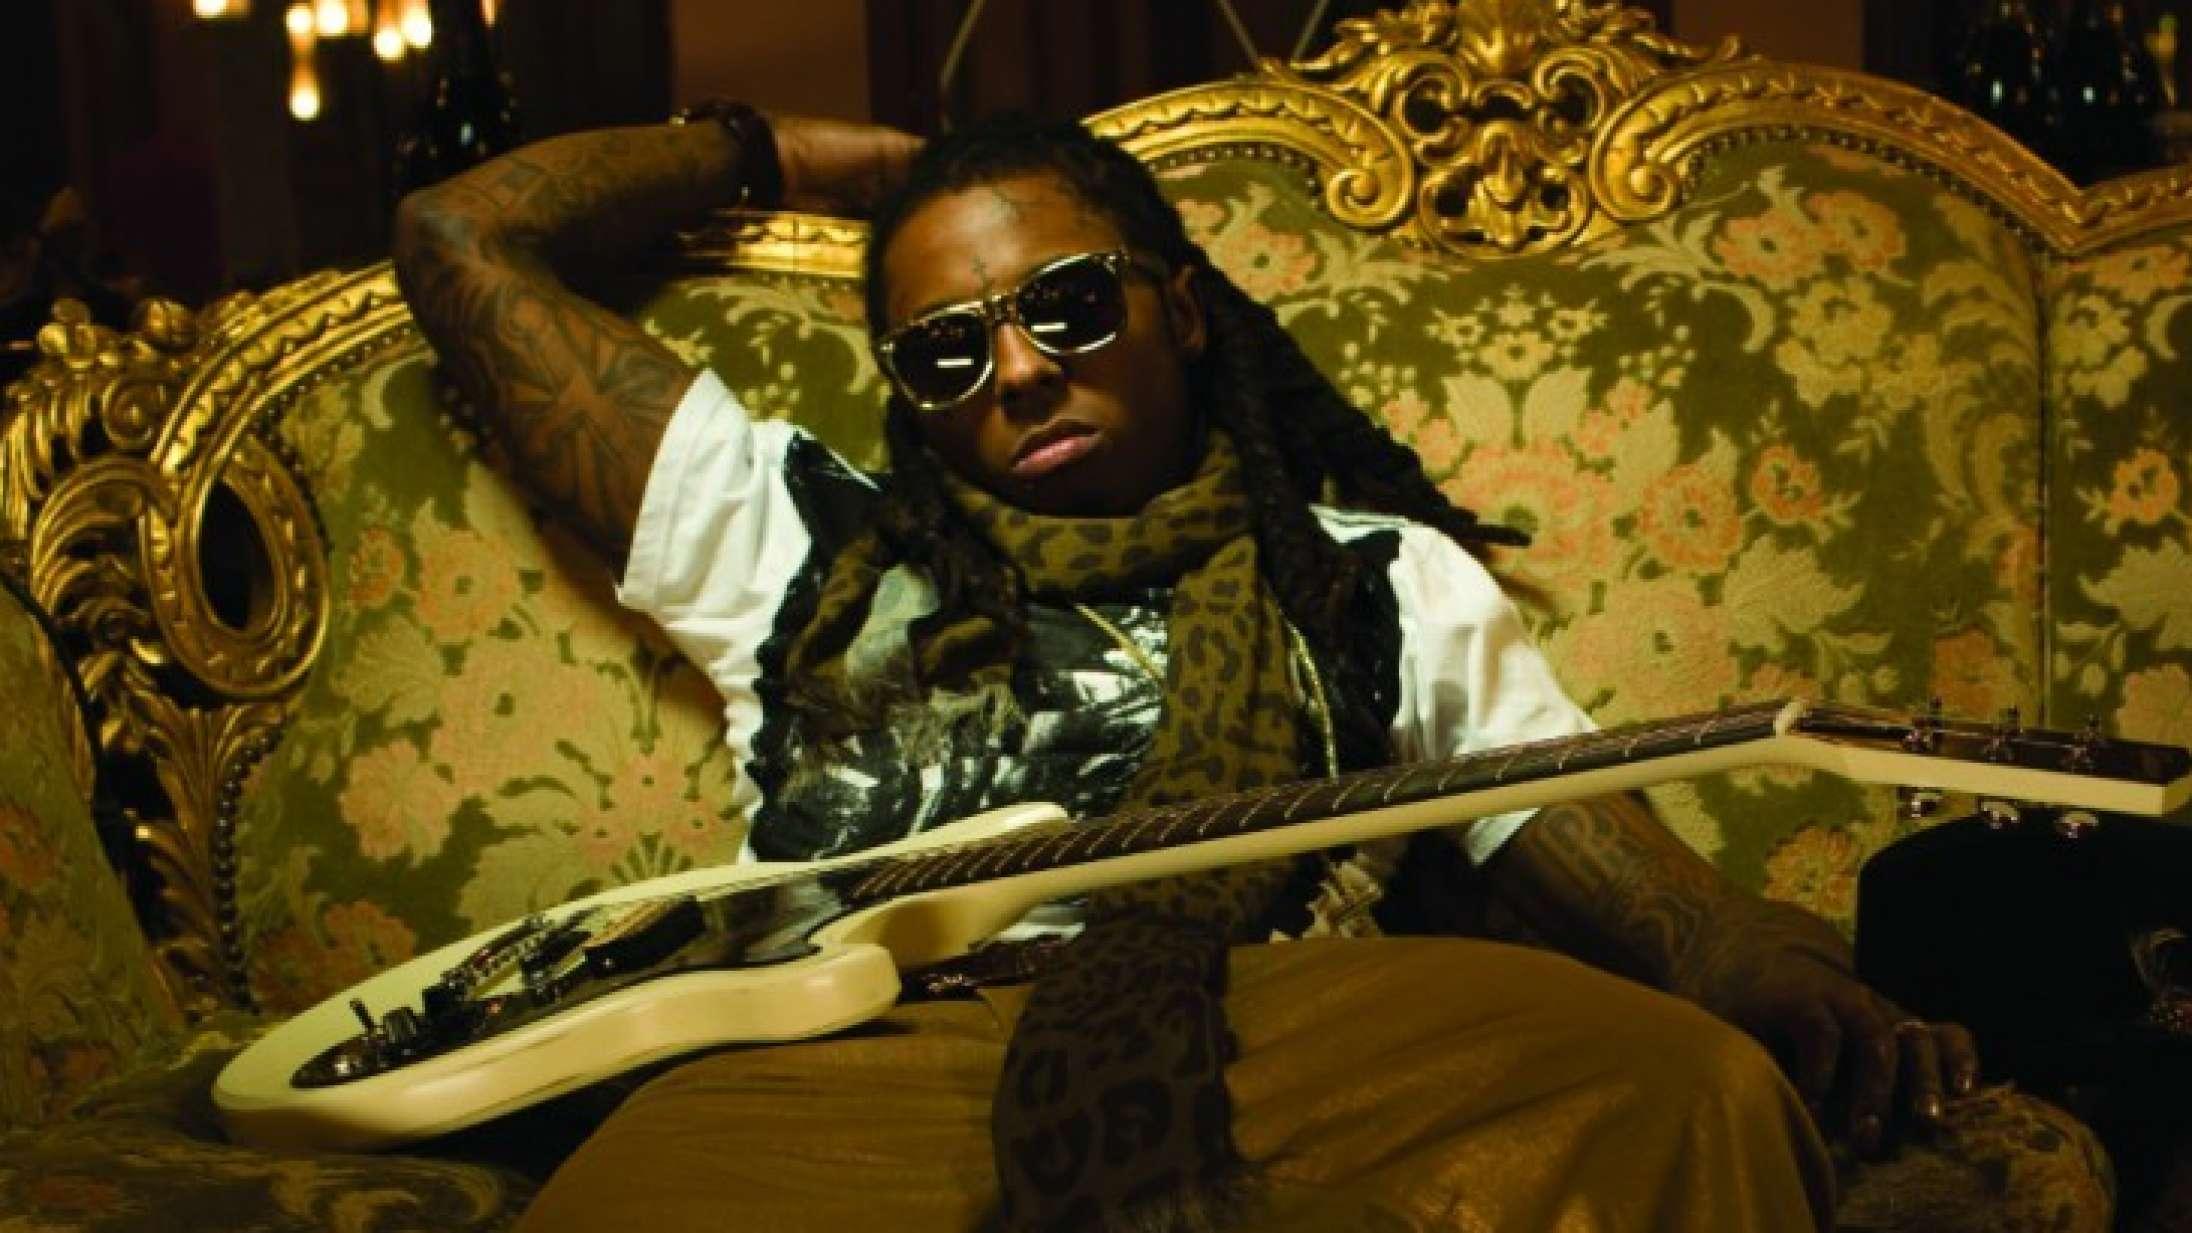 Lil Wayne blev slagtet for rockrap-albummet 'Rebirth' – var det virkelig så dårligt?